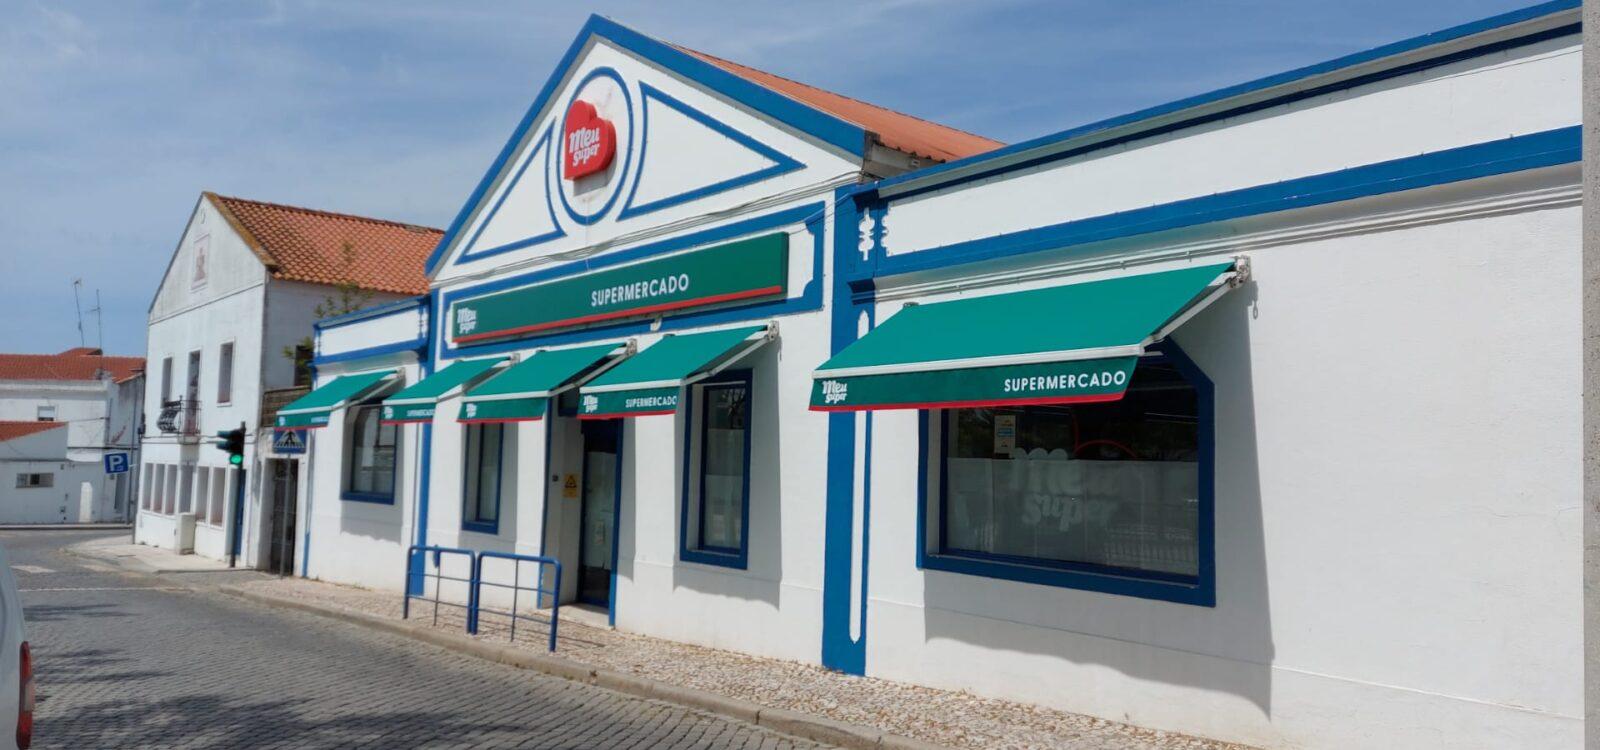 O Meu Super, rede de retalho de lojas de proximidade, abriu duas novas lojas em Campo Maior (Portalegre) e em Abrantes (Santarém).